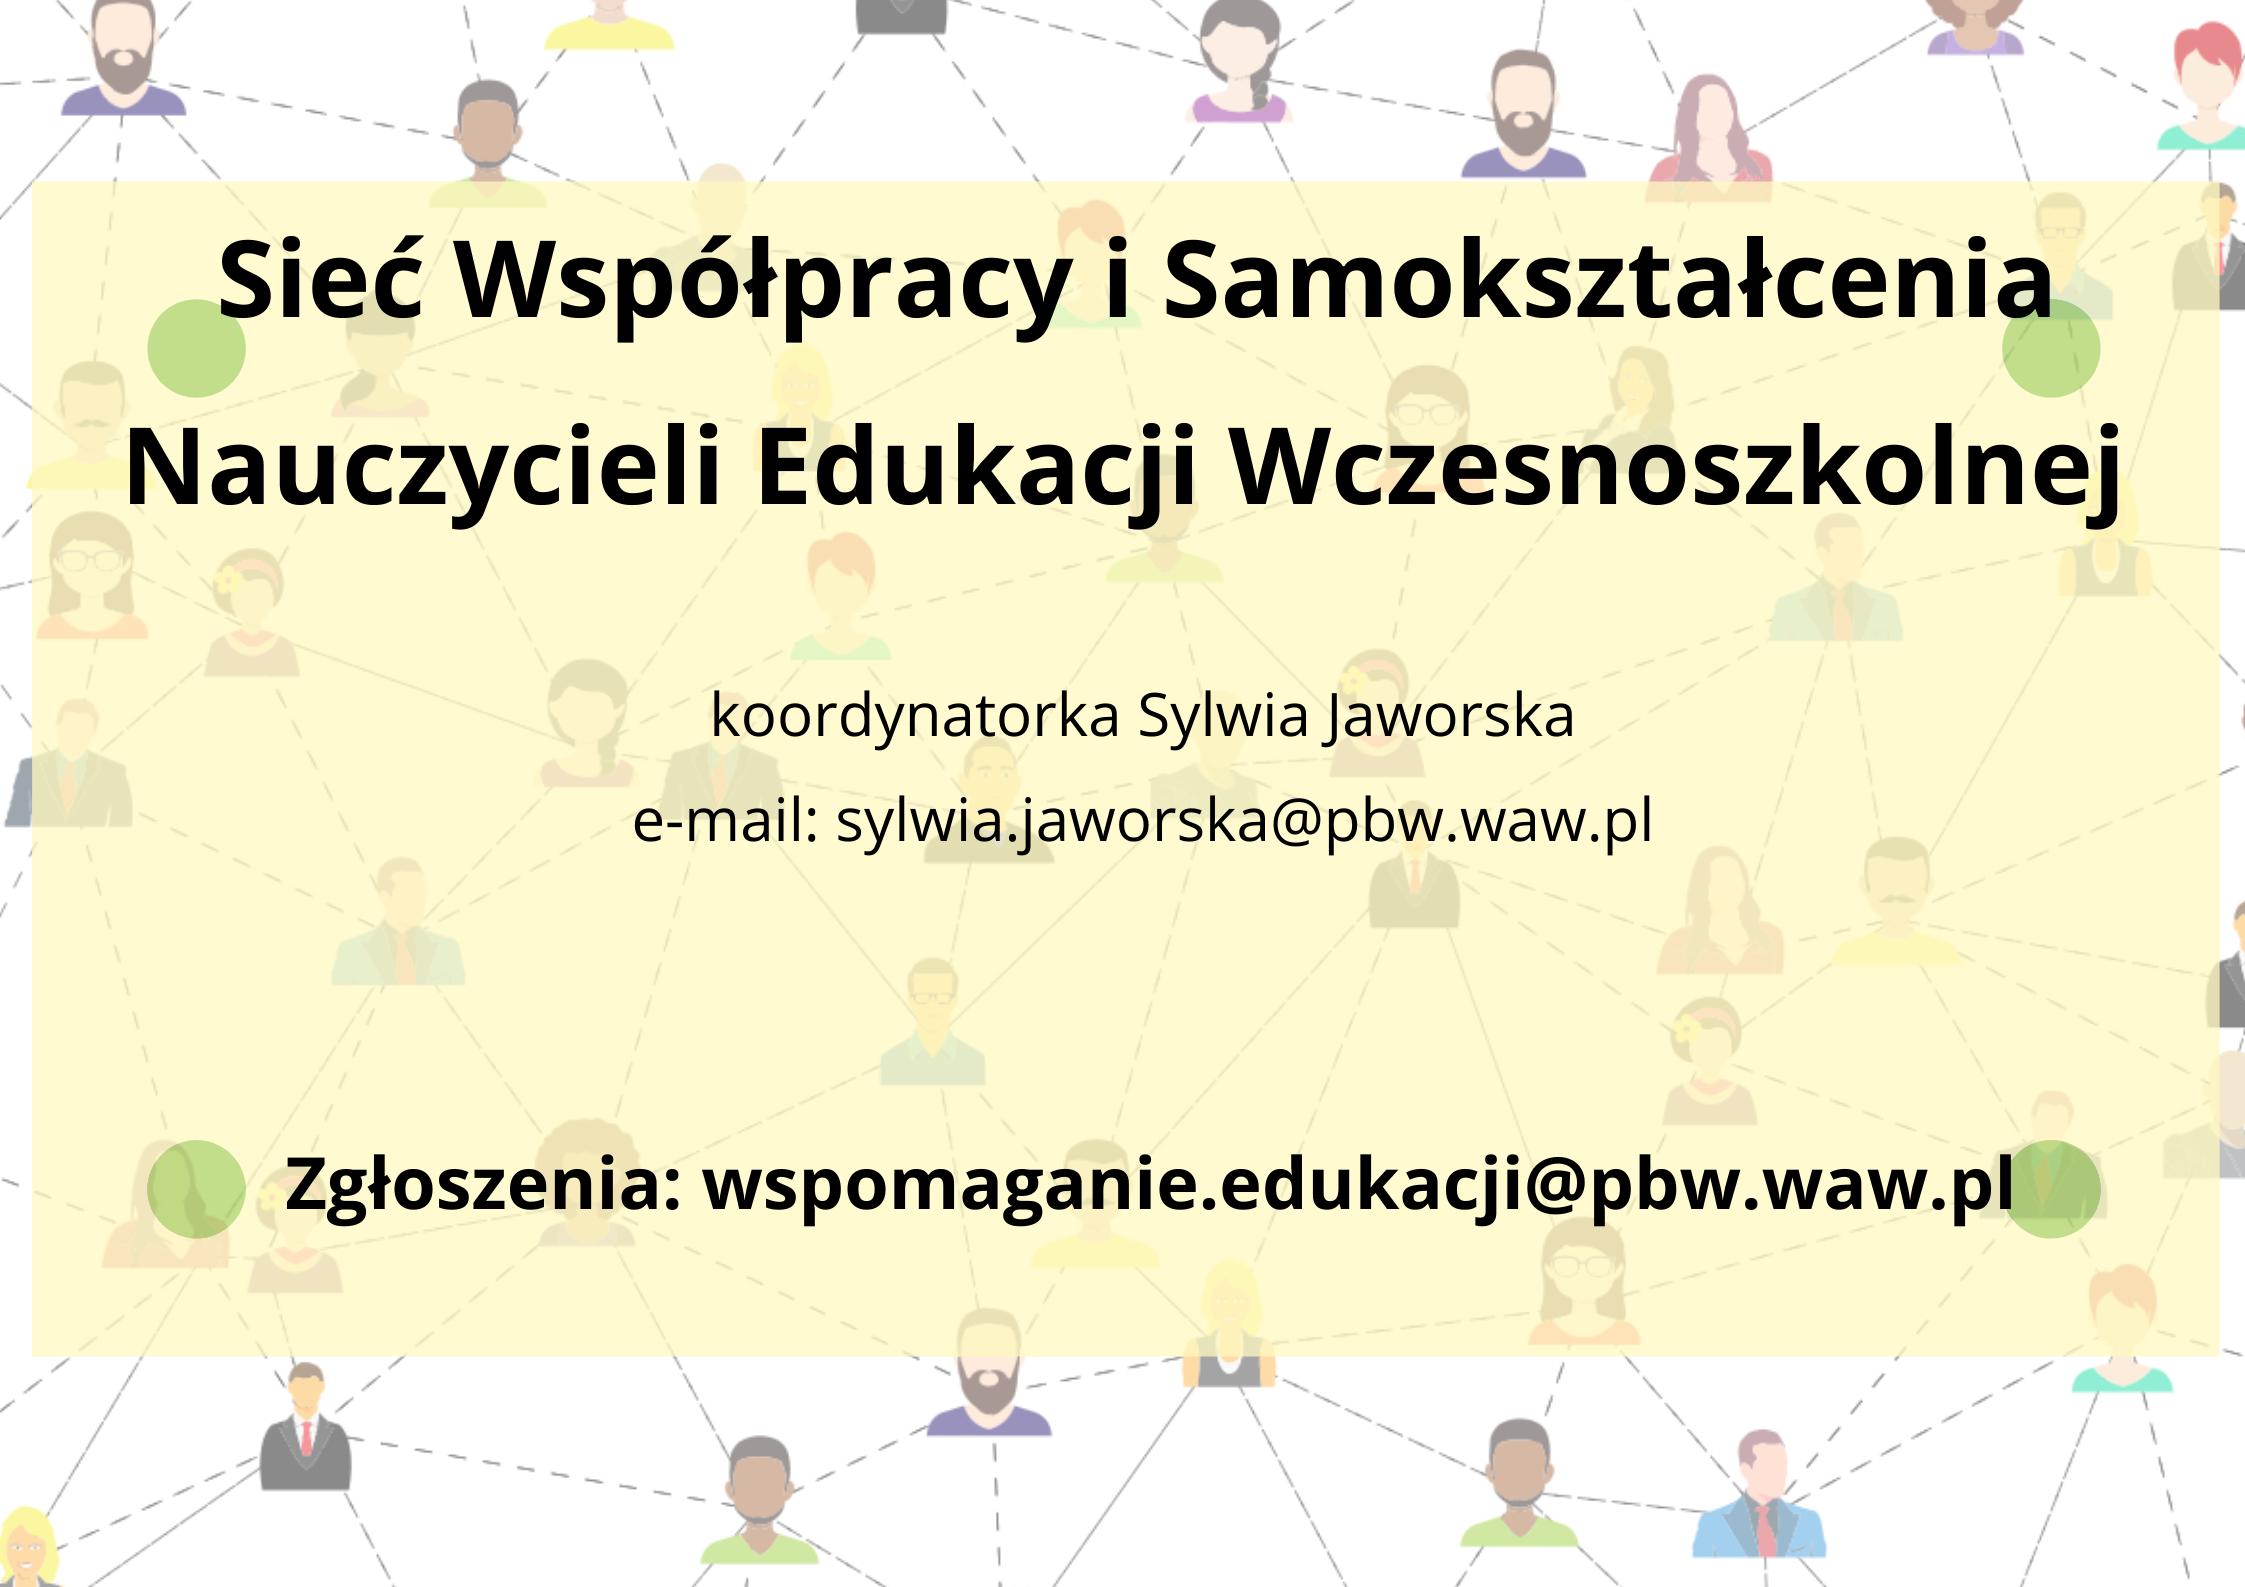 Sieć współpracy i sakokształcenia nauczycieli edukacji wczesnoszkolnej